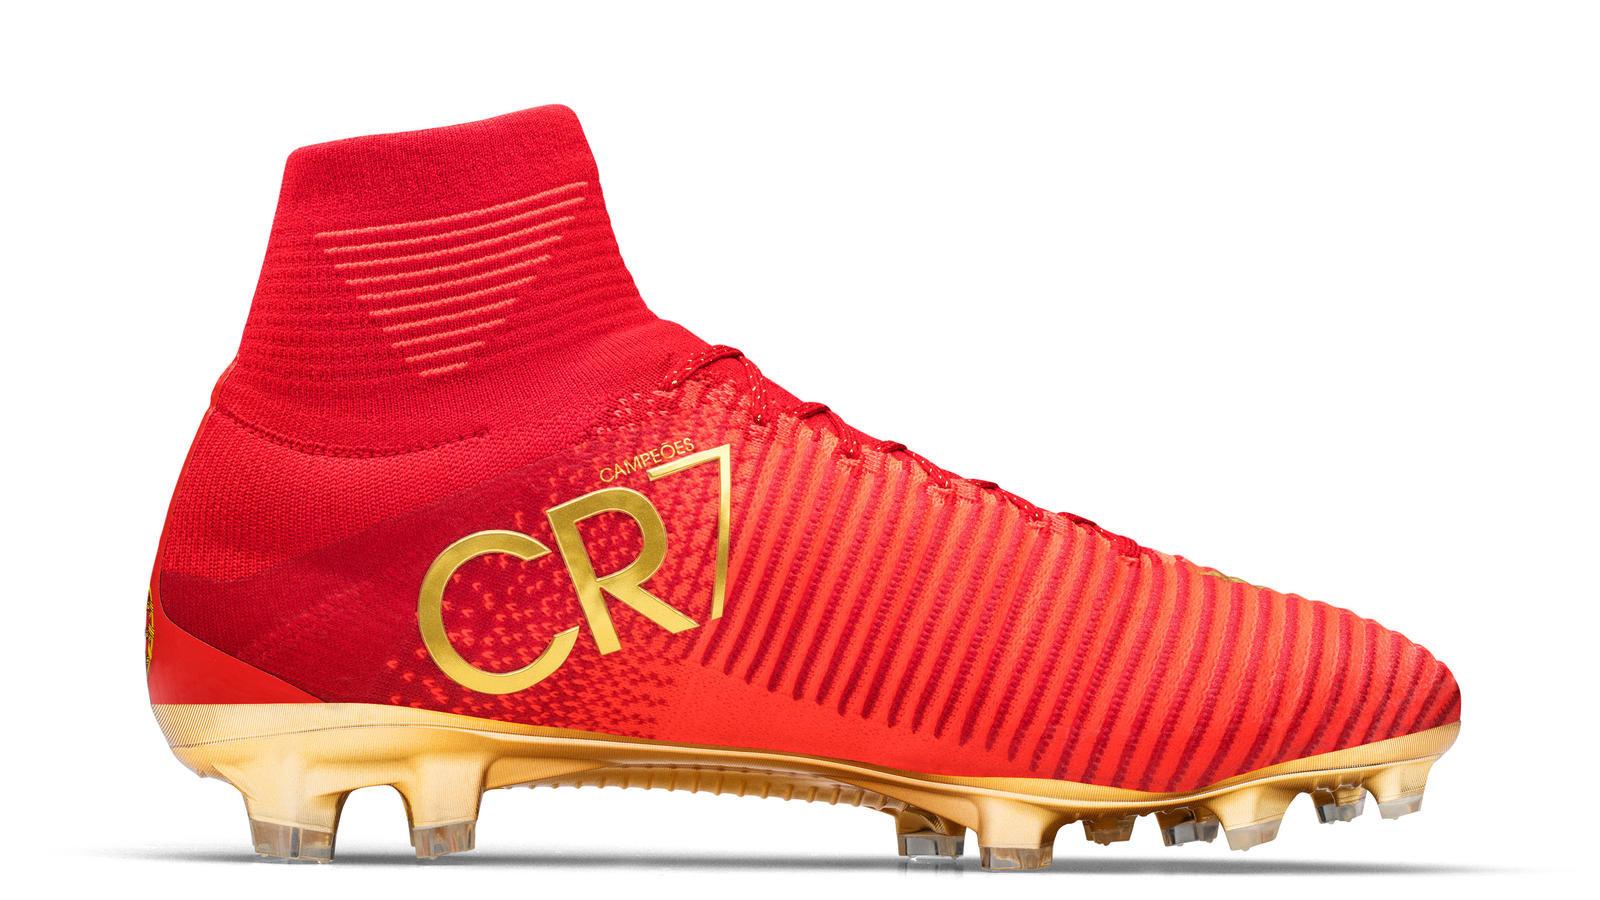 d230214acfbe8 Estas son las nuevas botas que lucirá Cristiano Ronaldo en la Copa ...